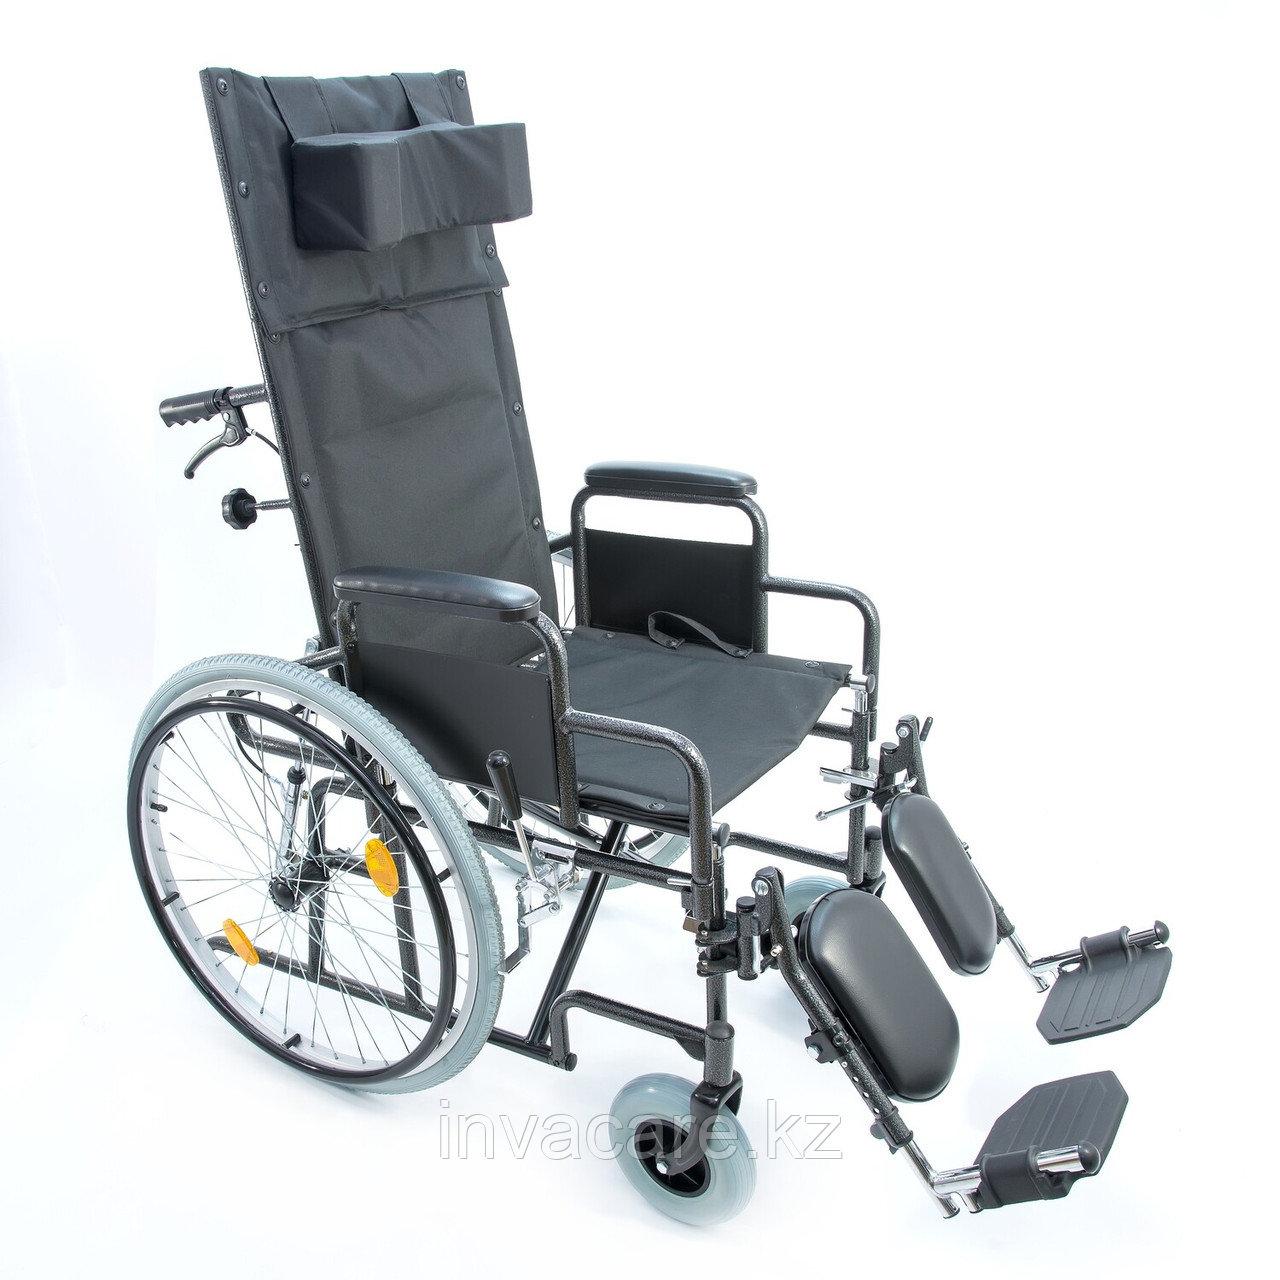 Инвалидная коляска с регулир. угла наклона спинки и подножек 514 A, литые задние колеса